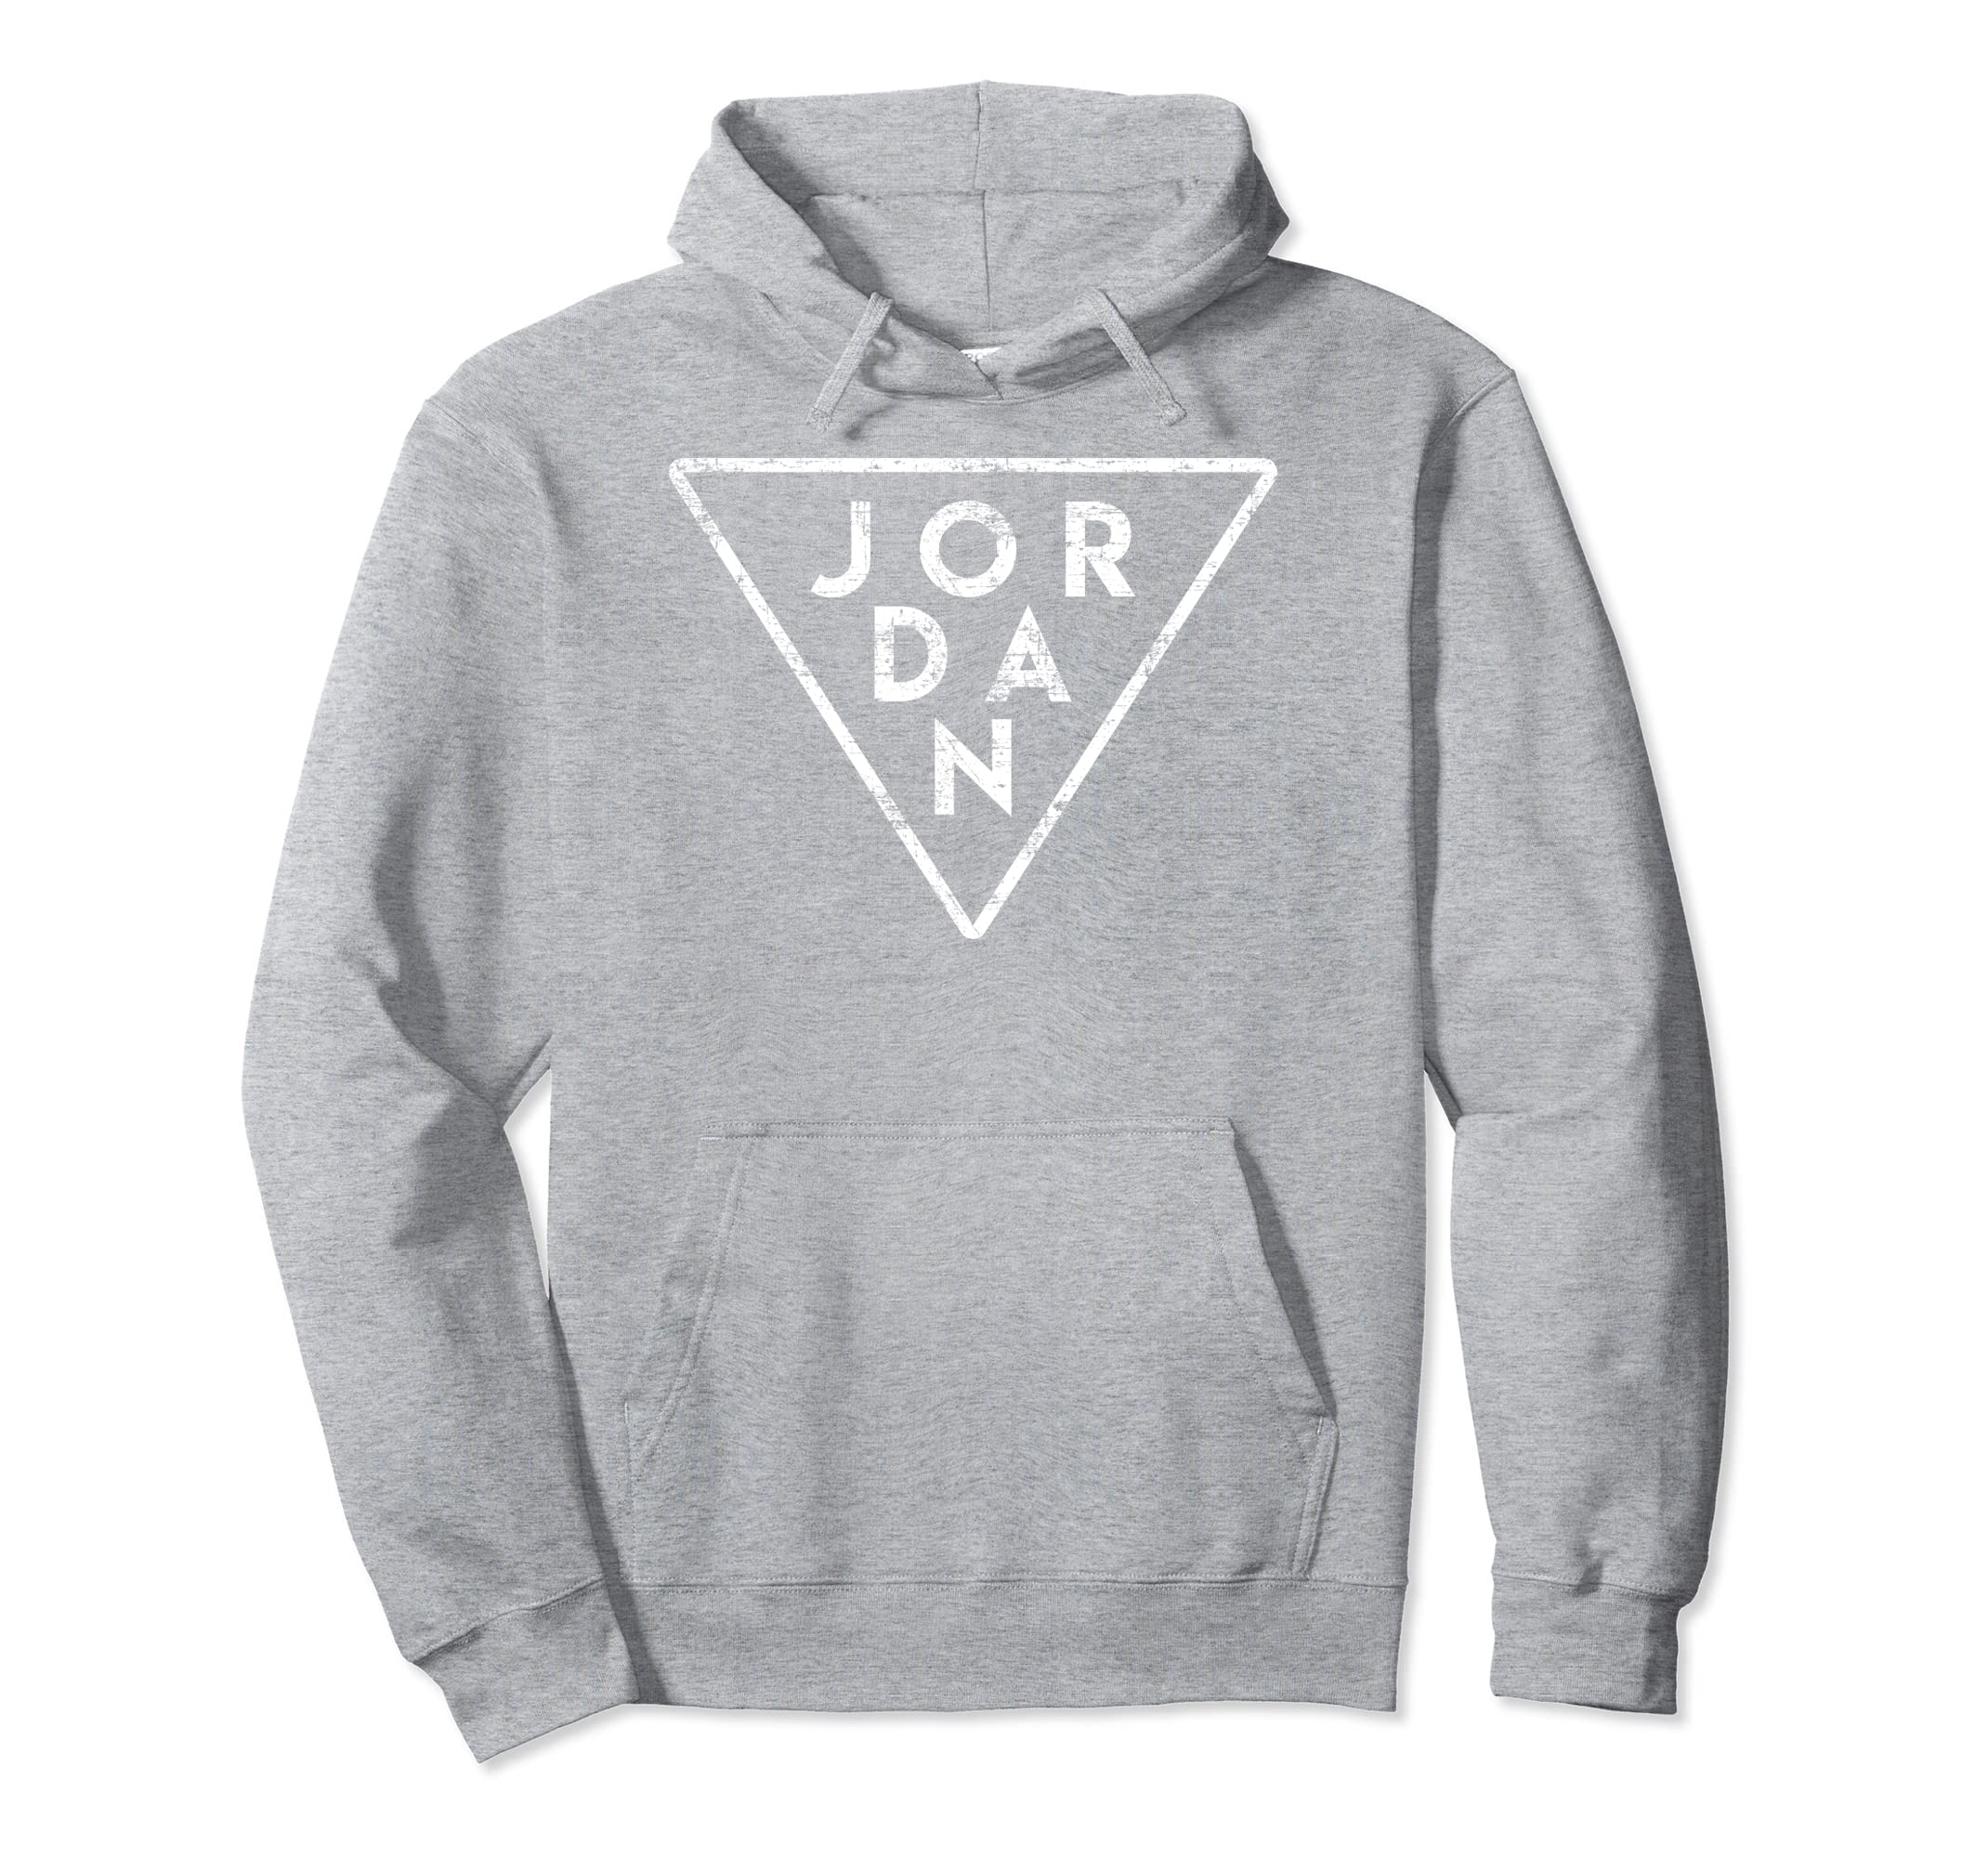 54644955d47d24 Simple Vintage Style Jordan Hoodie Gift – Bamitee